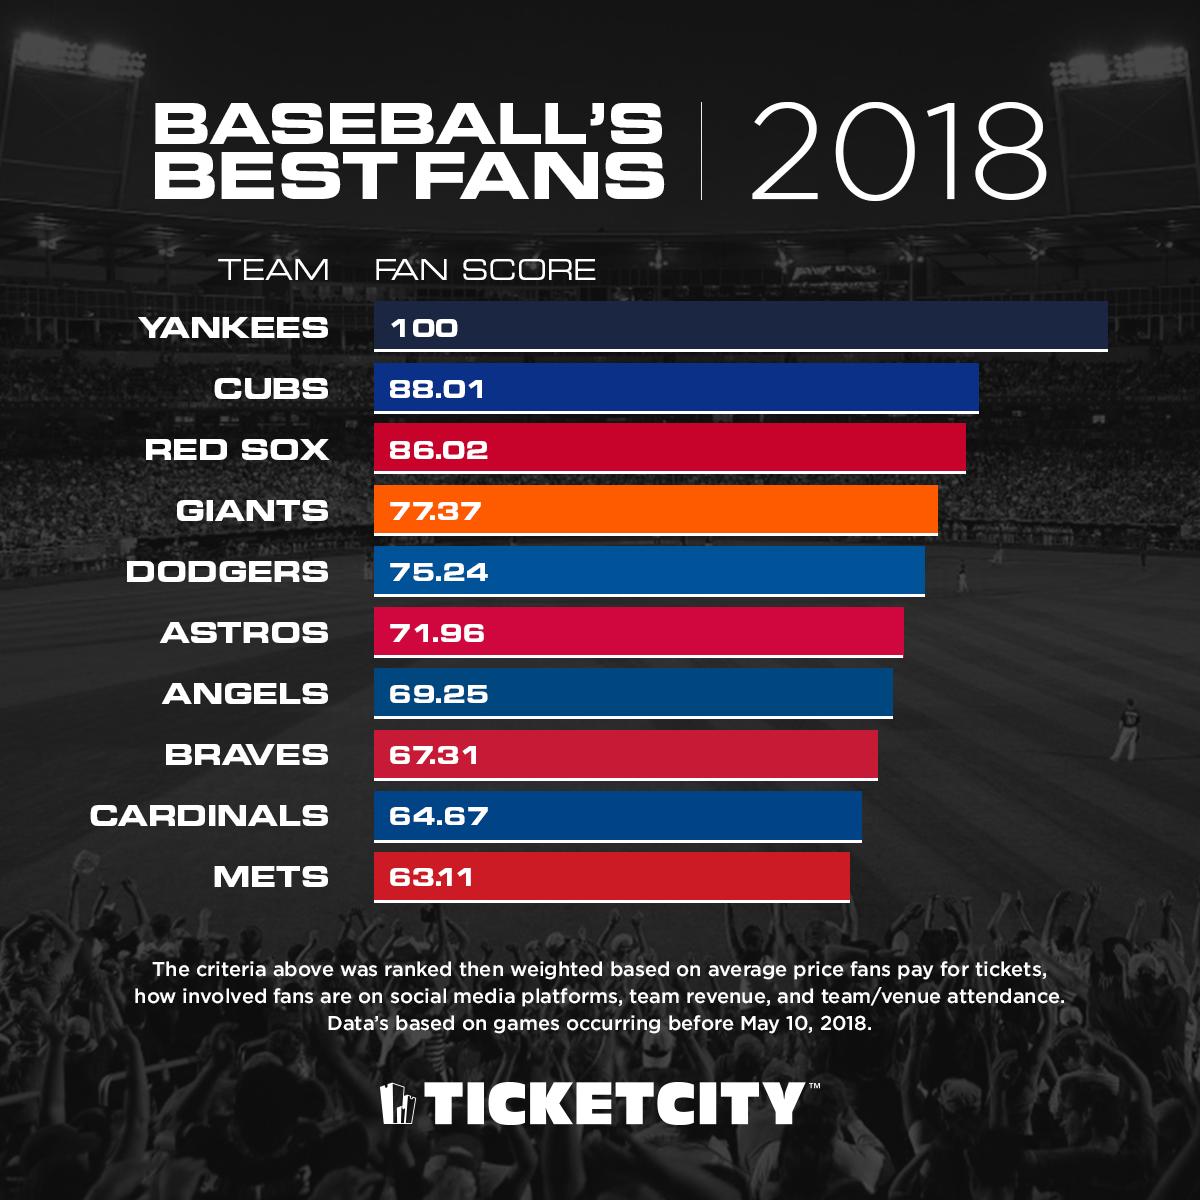 MLB's Best Fans